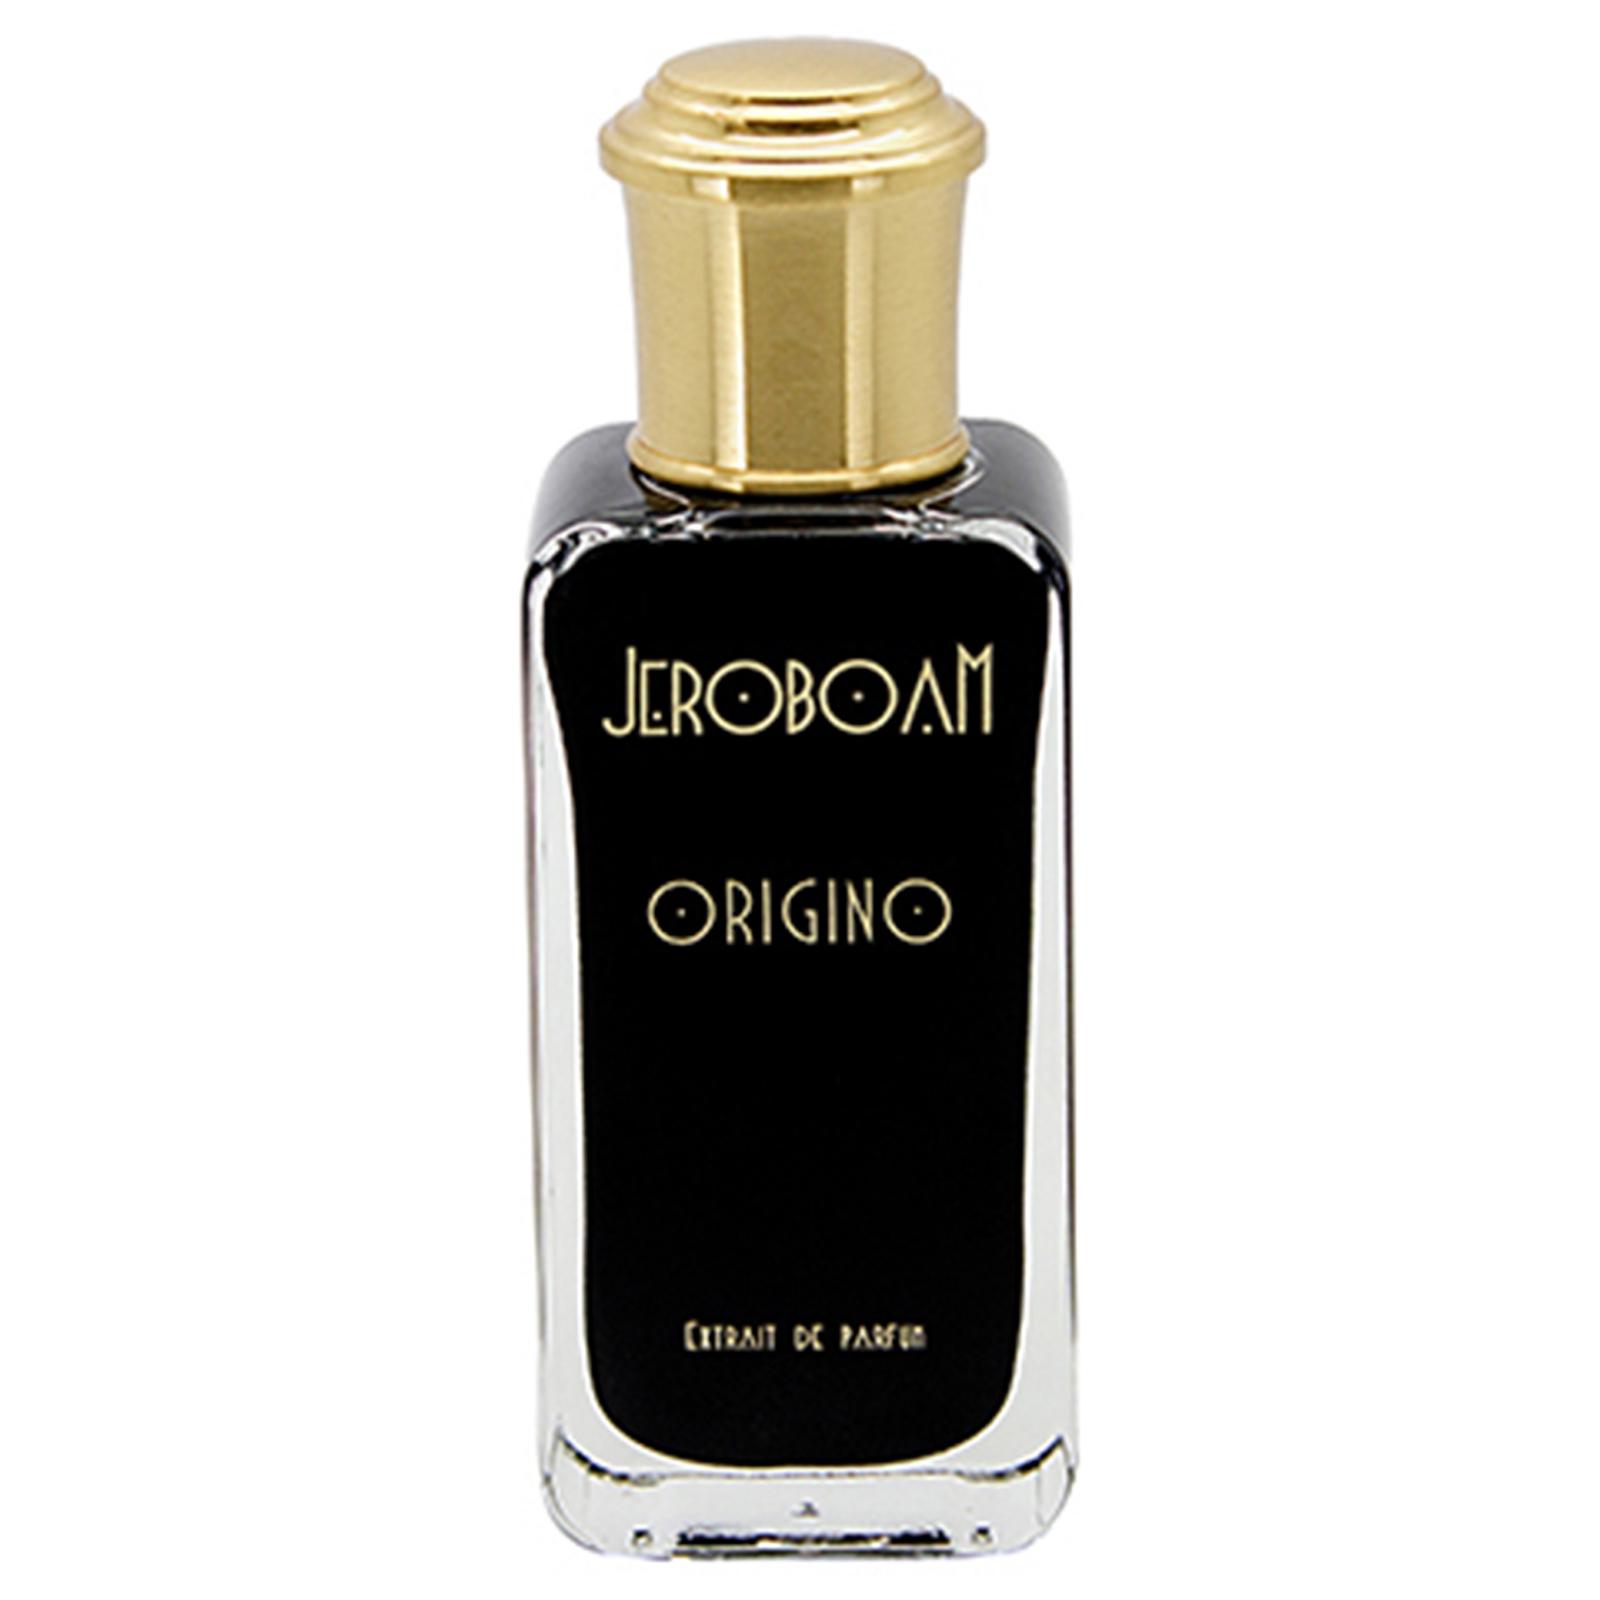 Origino extrait de parfum 30 ml